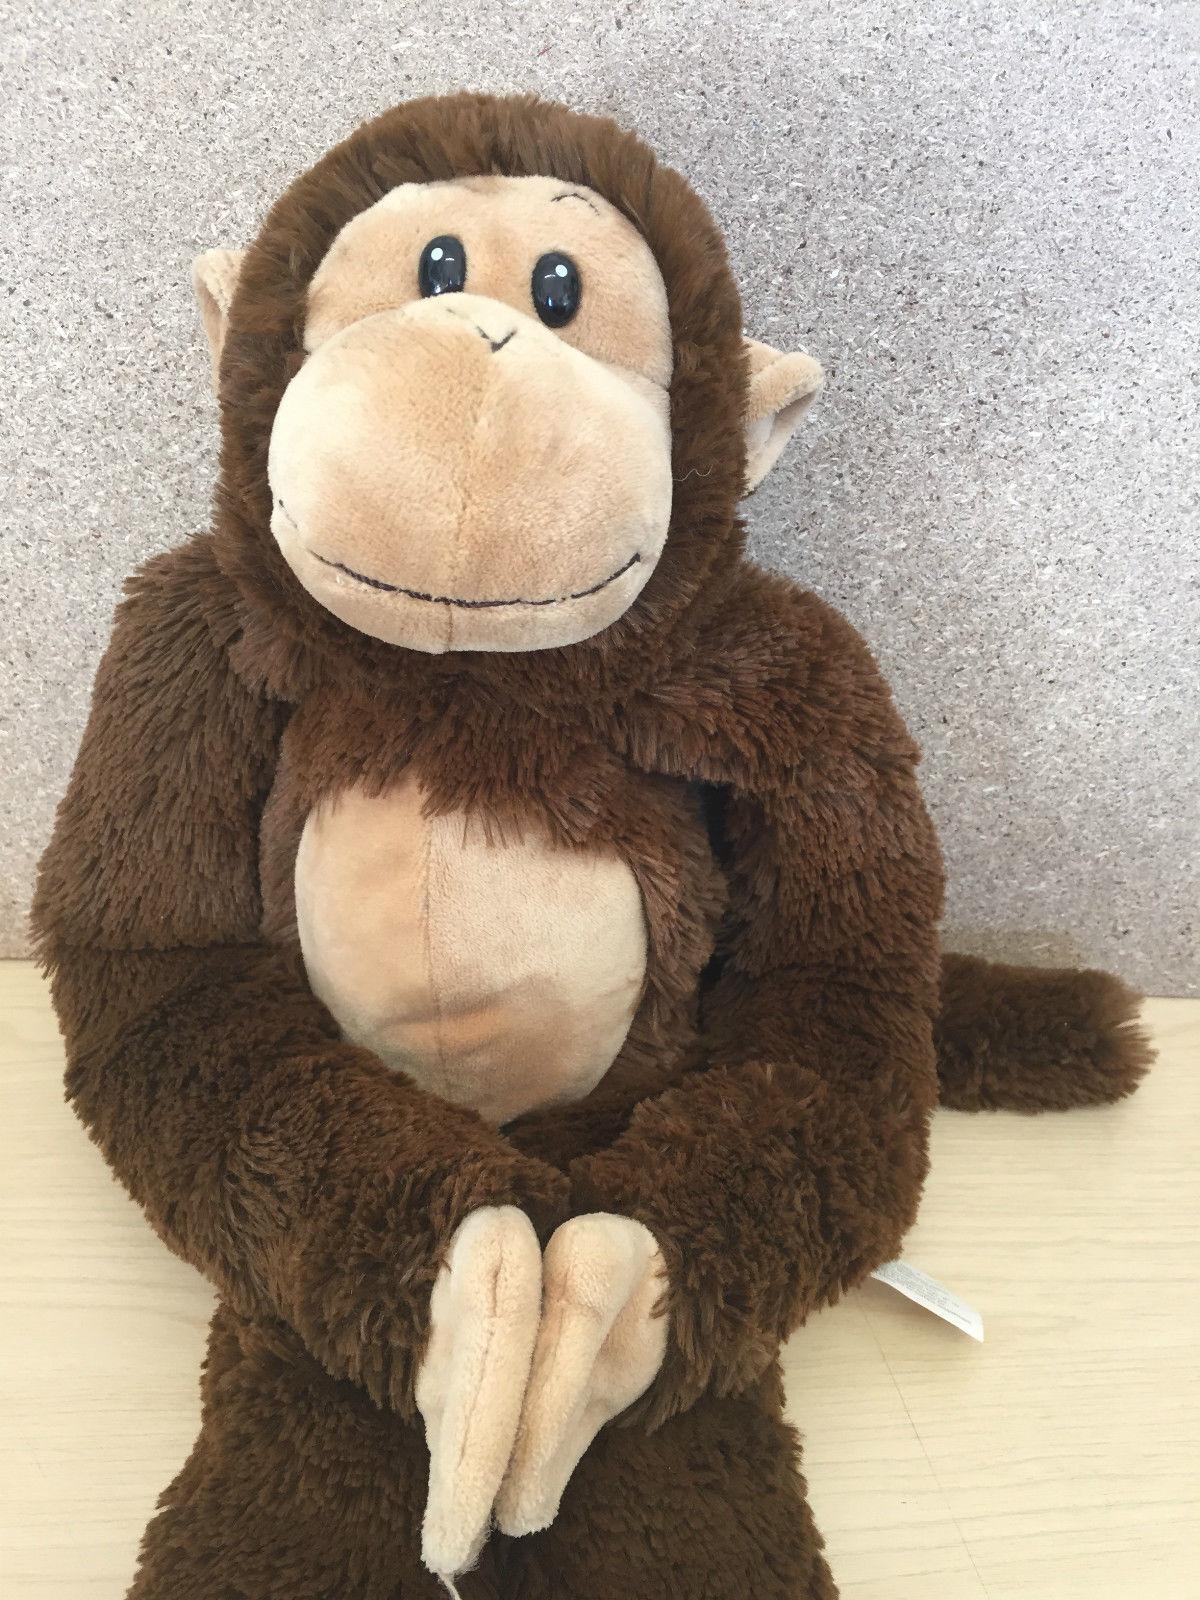 Animal tuttiey tuttiey tuttiey giocattoli R Us vari animali giocattolo morbido giocattoliRUS 88a799